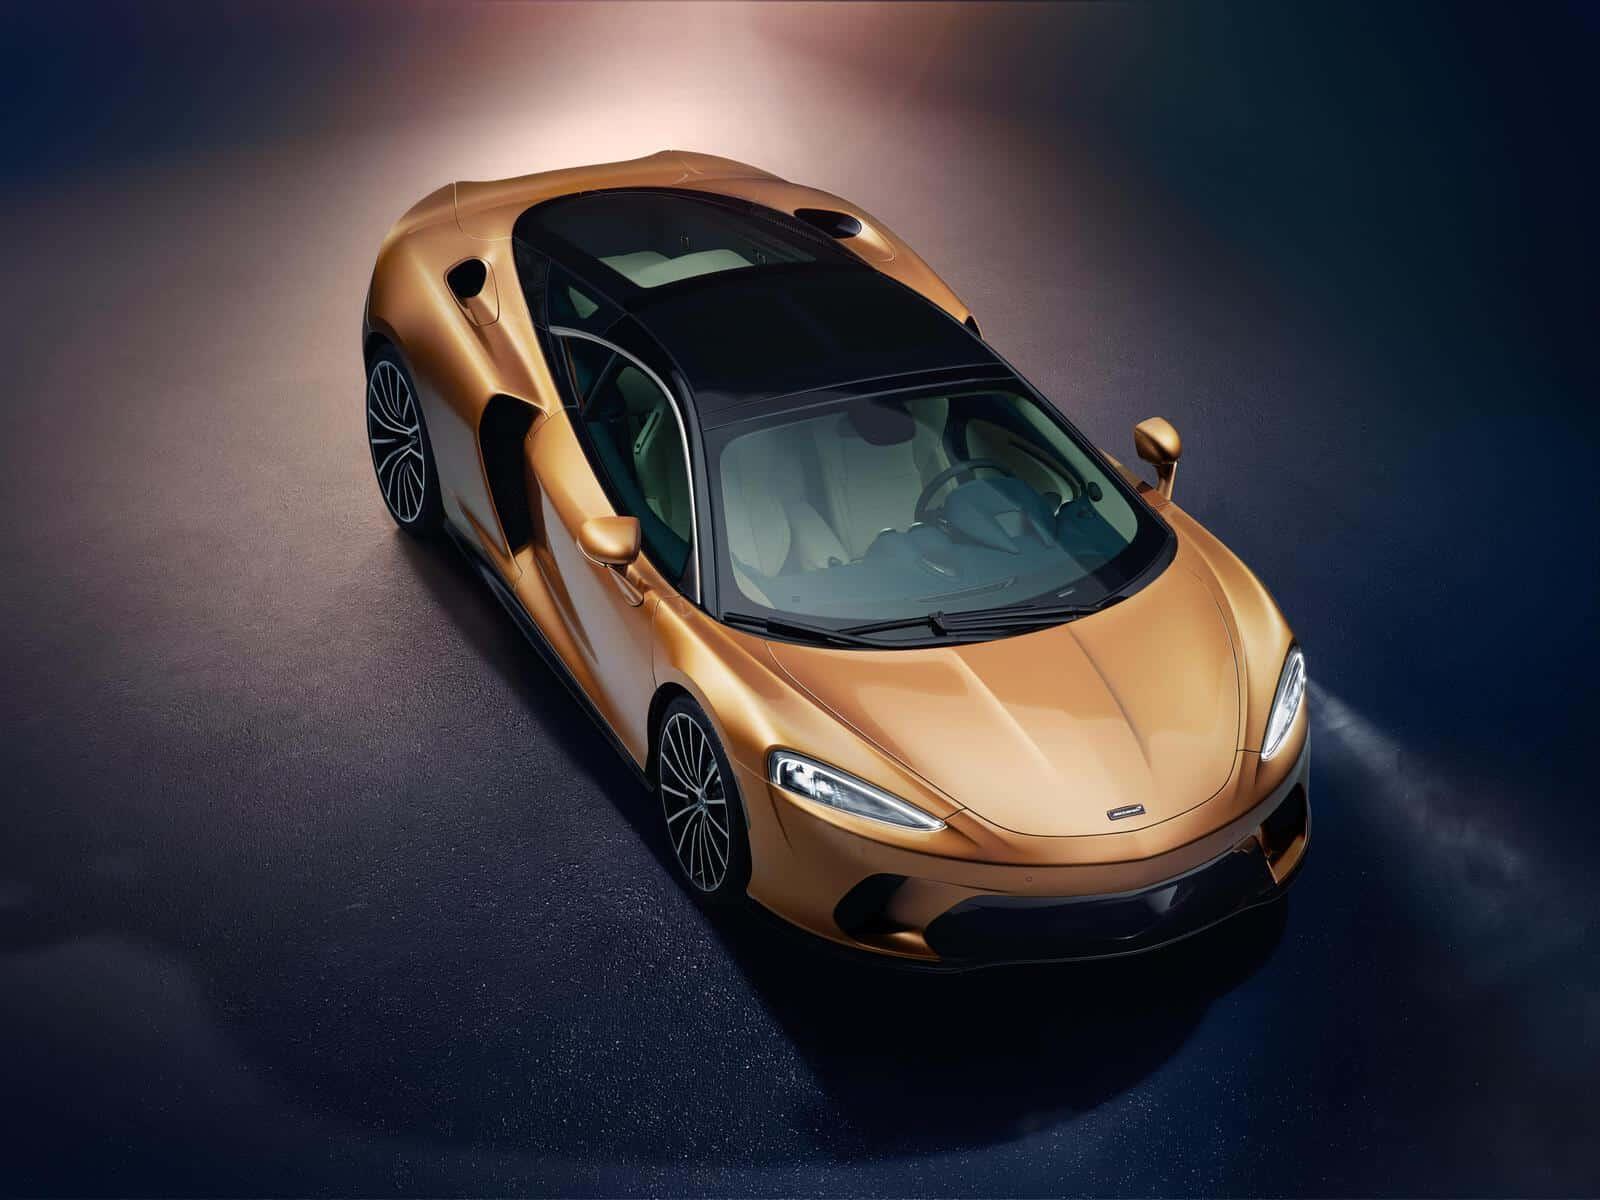 McLaren GT 12